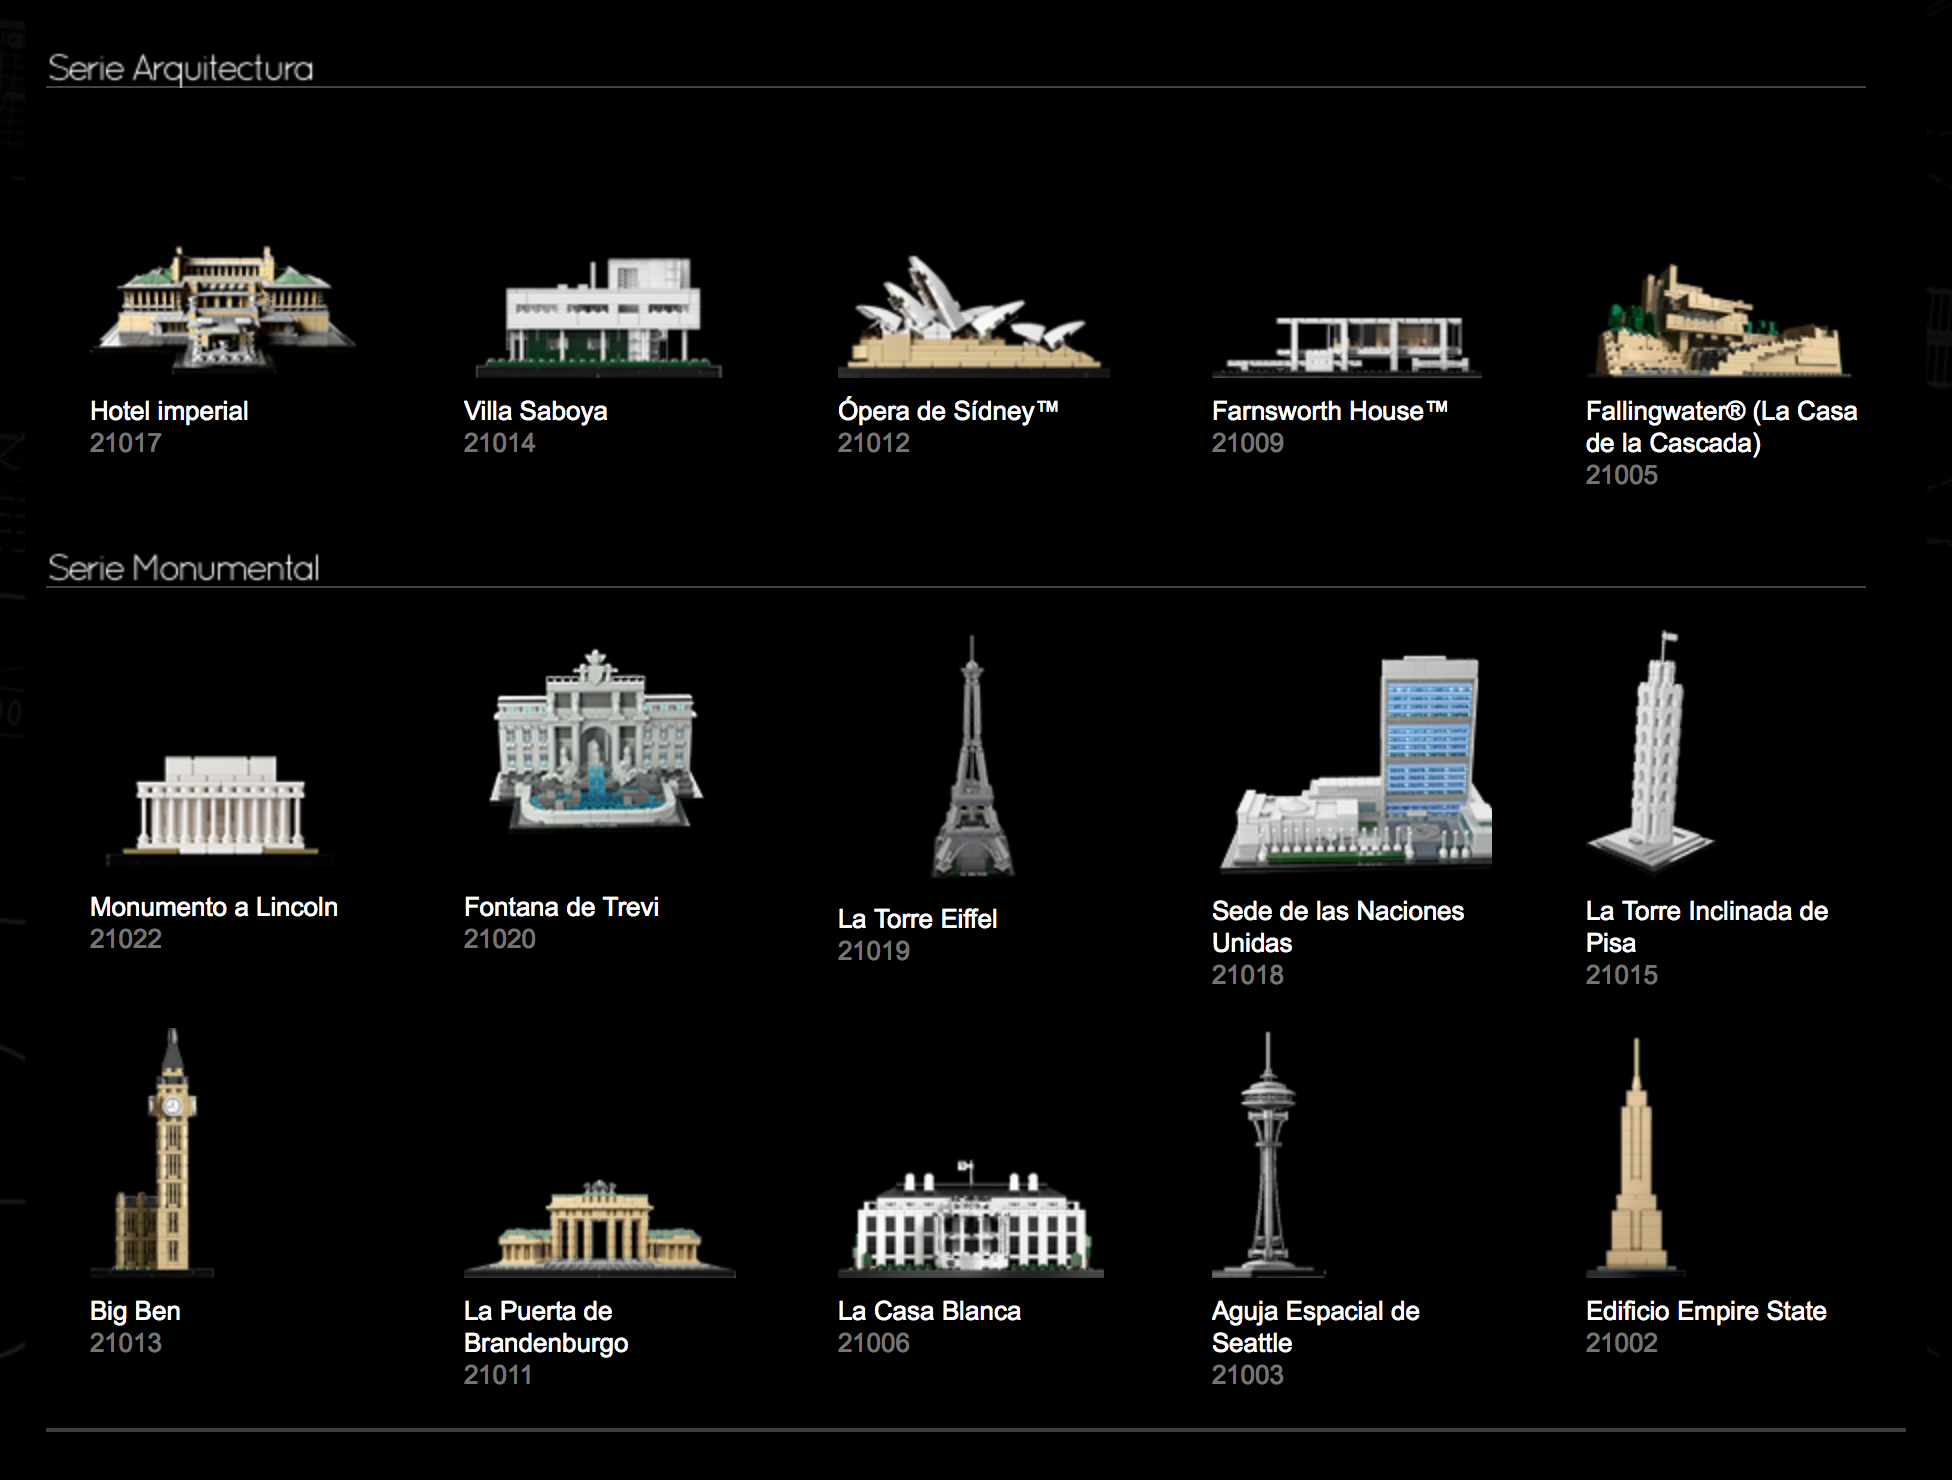 Arte e Arquitetura: 15 ideias de LEGO para montar e se inspirar no tempo livre, © © LEGO